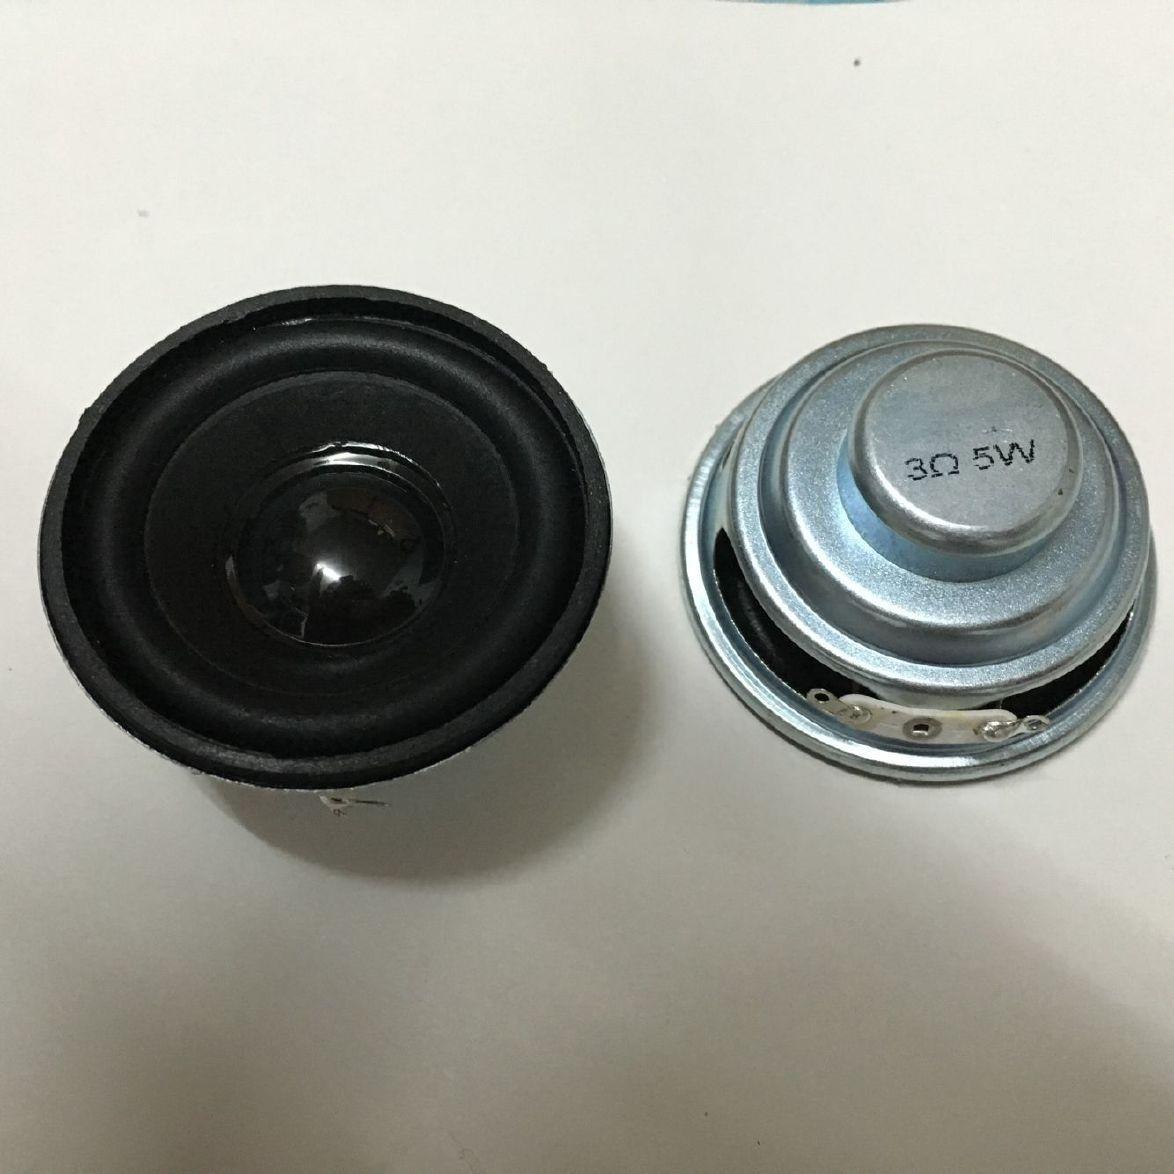 衡聲廠家供應52mm圓形K068無線麥克風喇叭,藍牙音響揚聲器